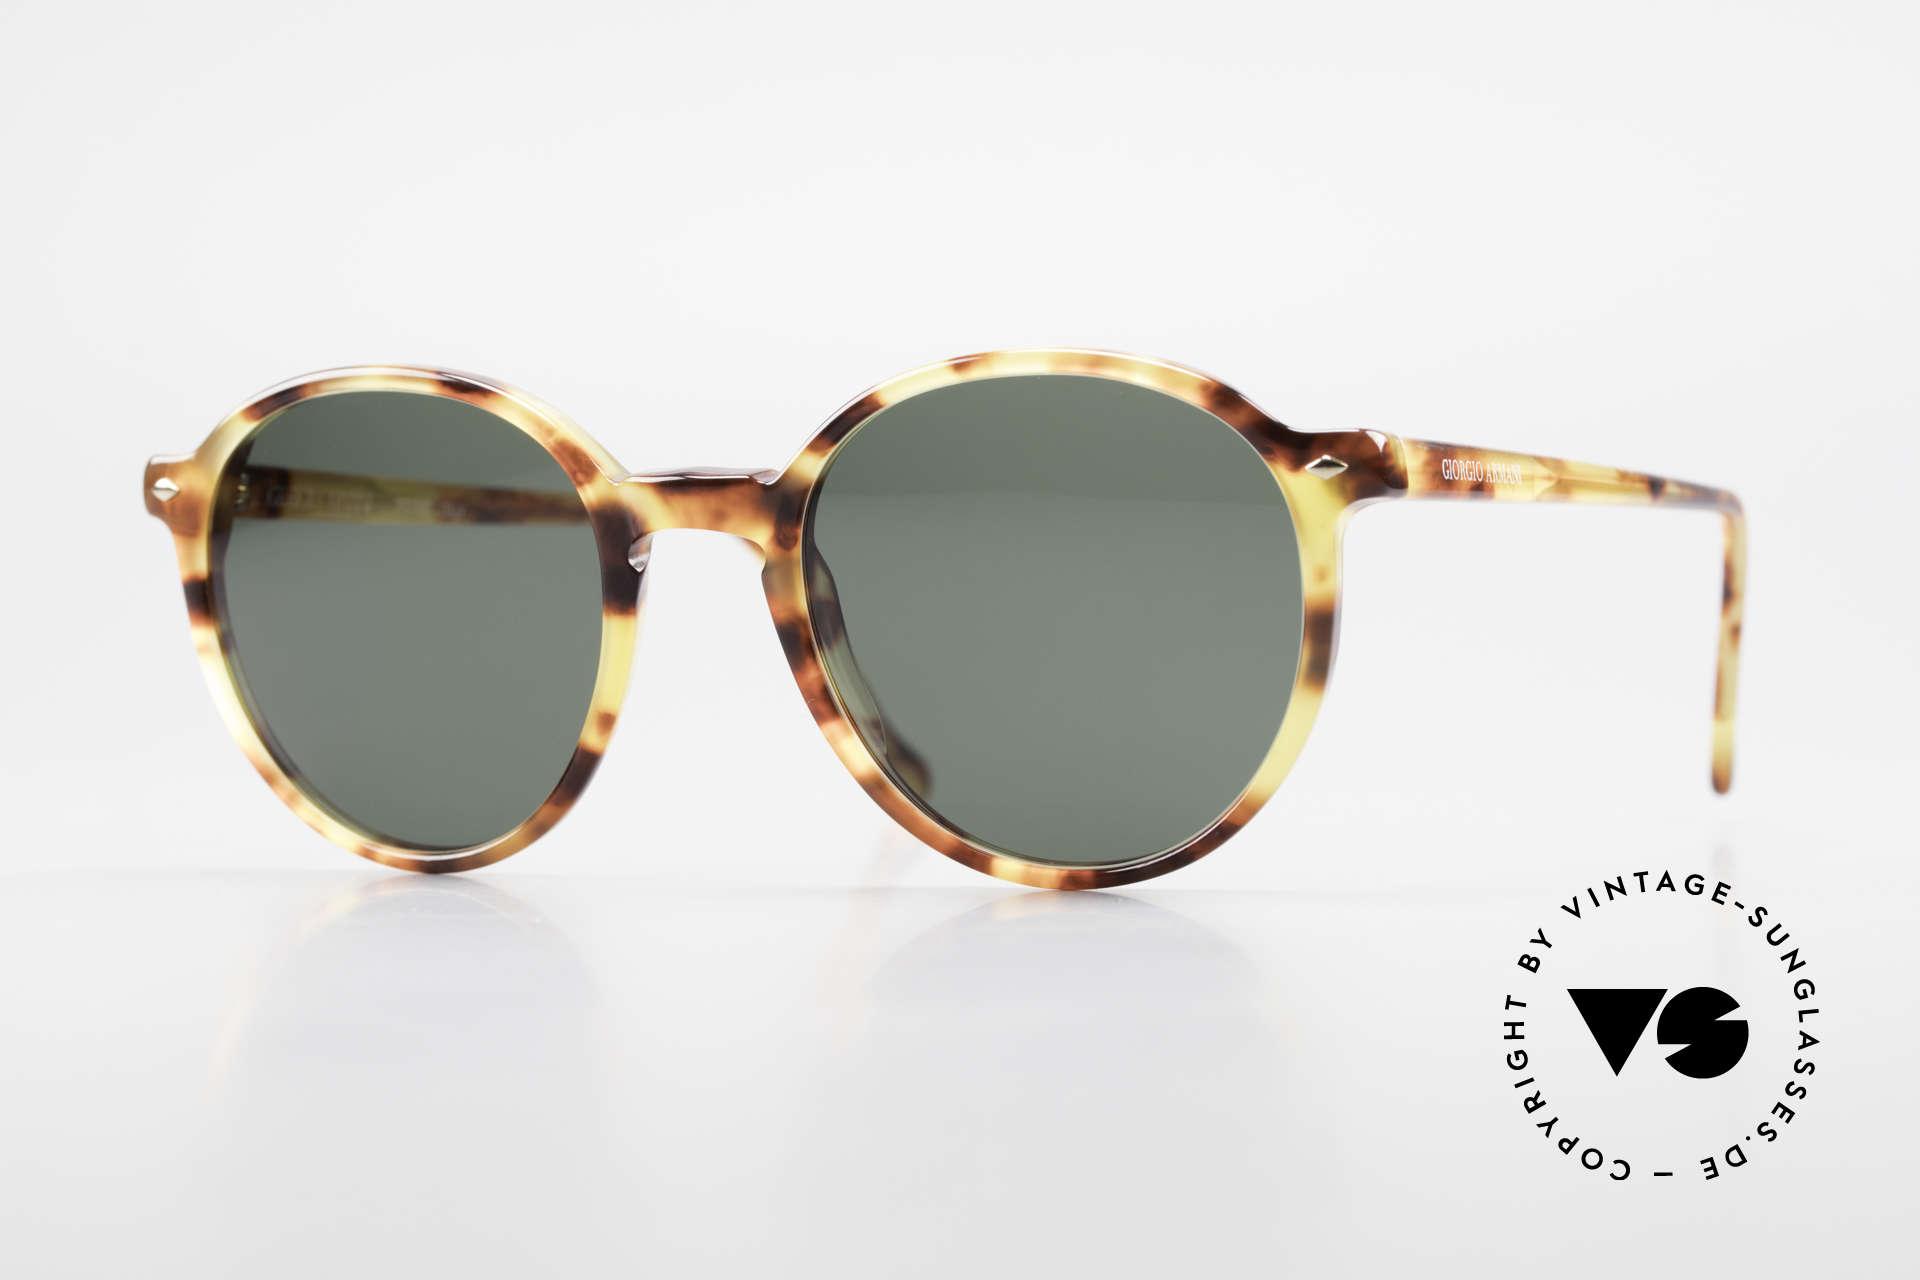 Giorgio Armani 325 Rare 90er Panto Sonnenbrille, zeitlose Panto Giorgio Armani Designer-Sonnenbrille, Passend für Herren und Damen